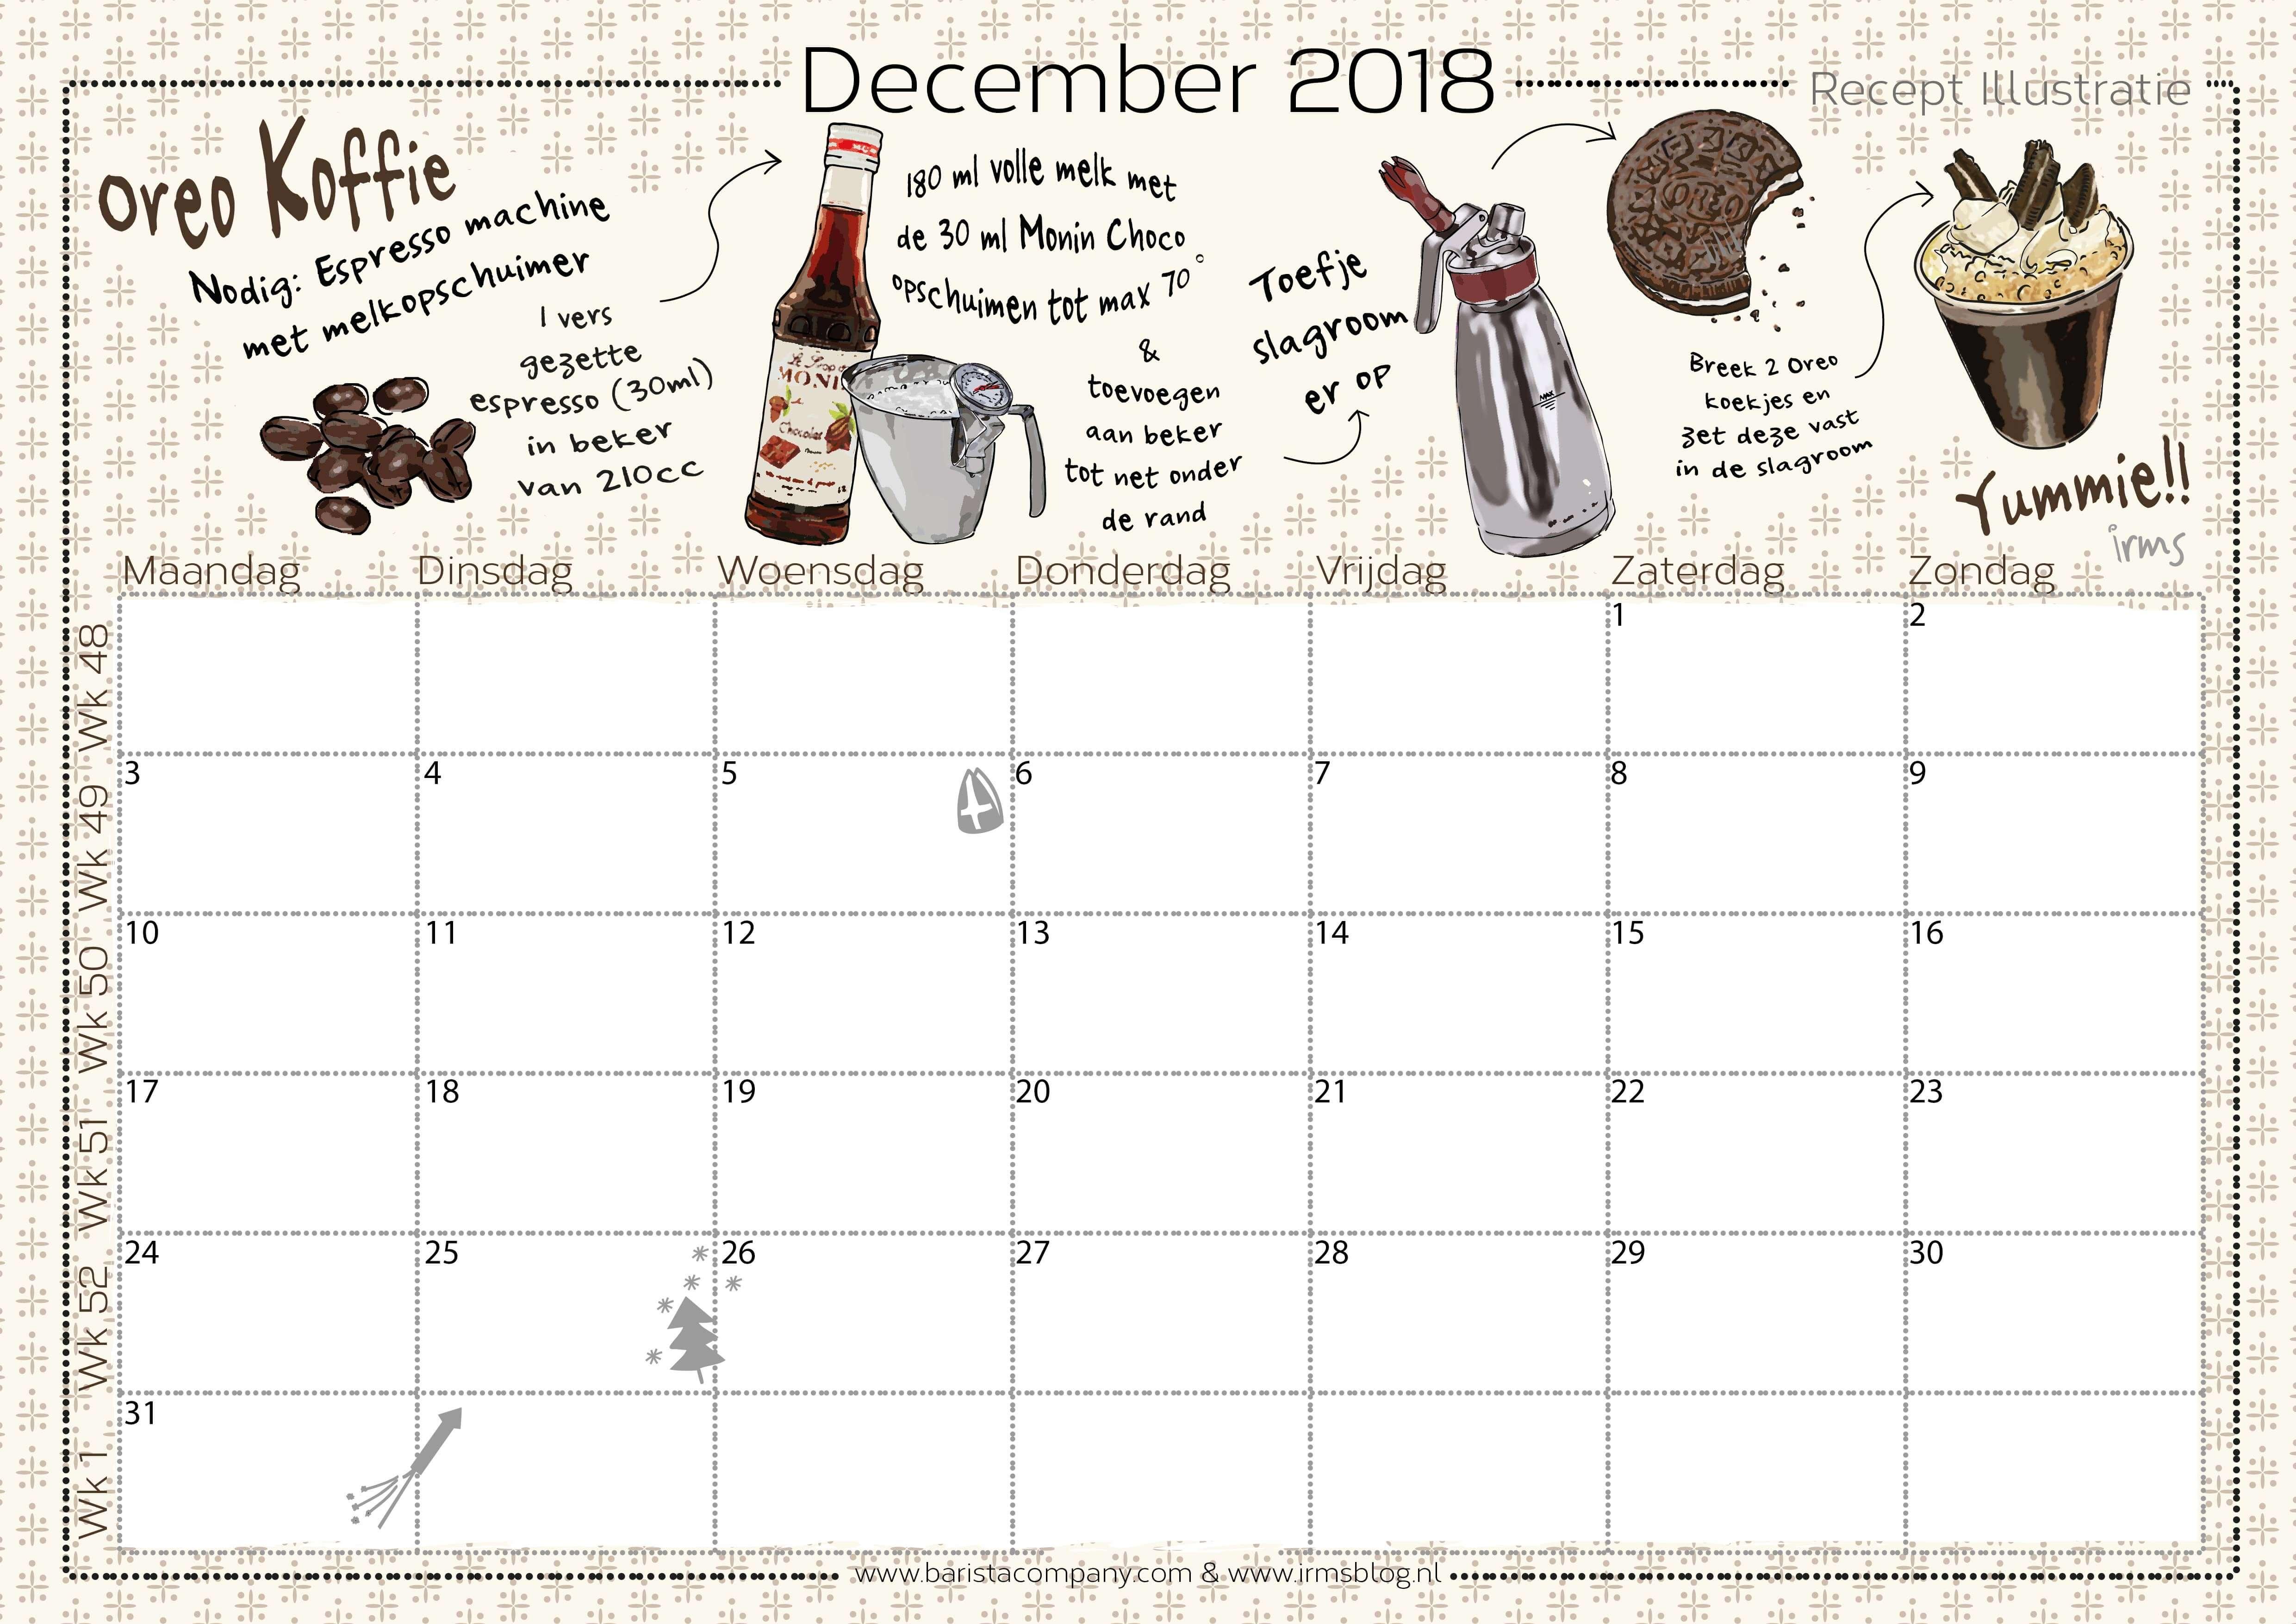 receptenkalender-2018-irmsblog_koffie